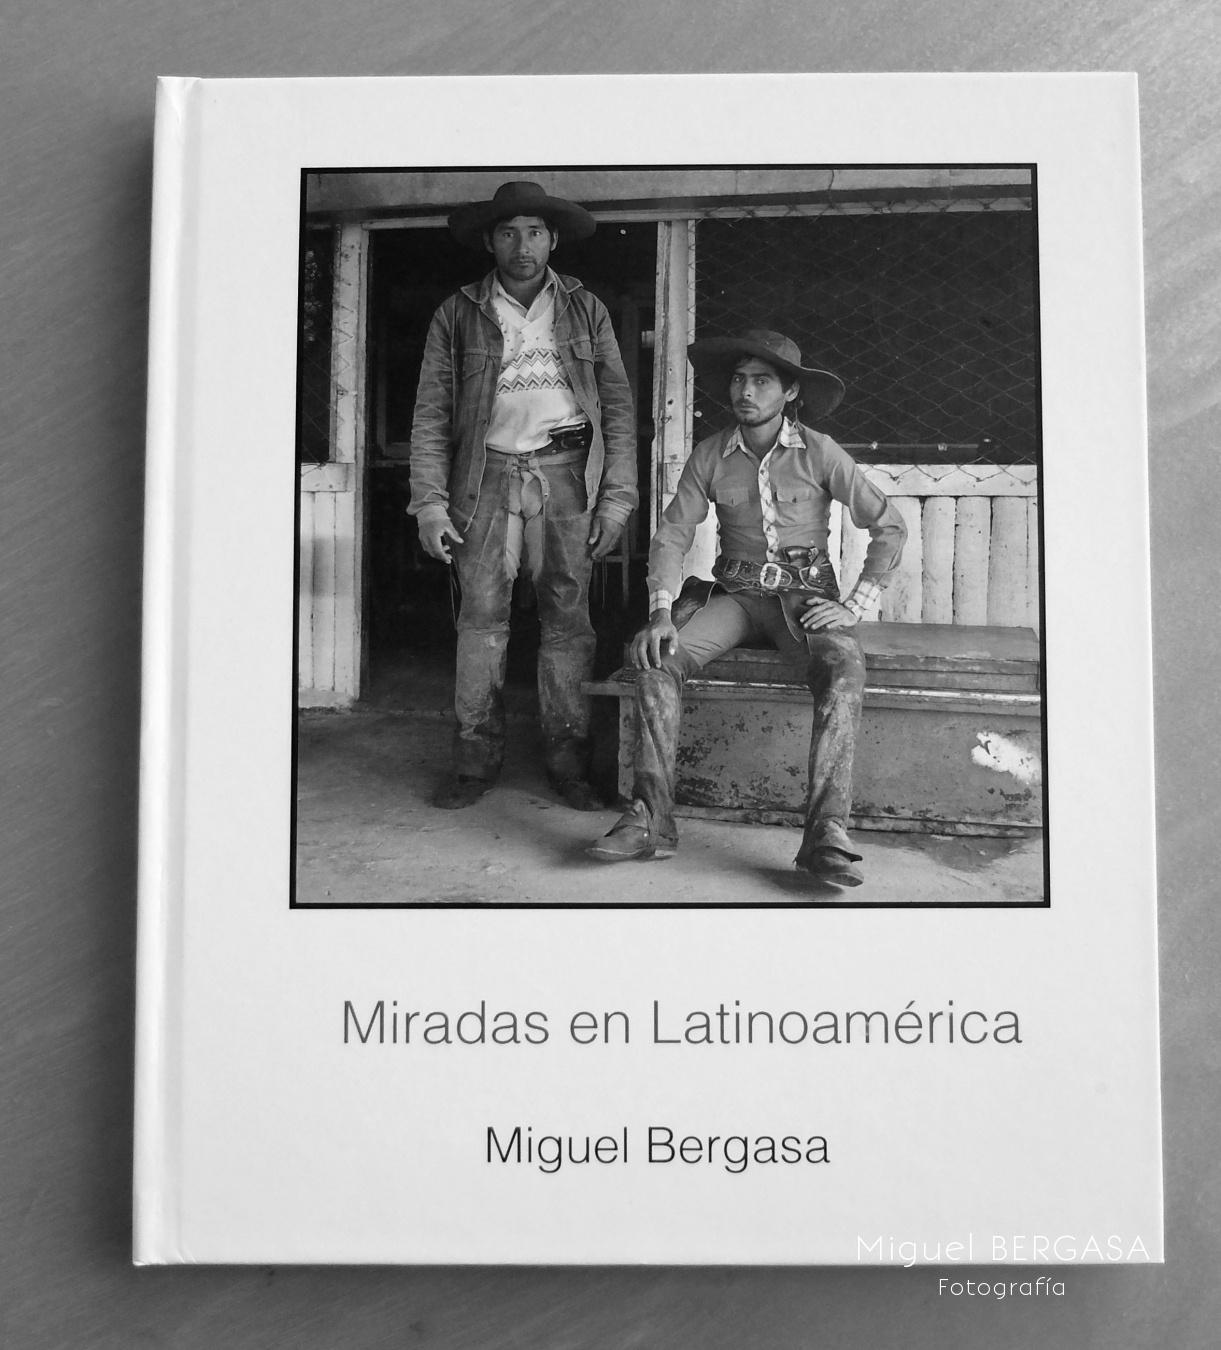 Miradas en Latinoamérica 2015 - Catálogos y portadas libros - Miguel BERGASA, Fotografía